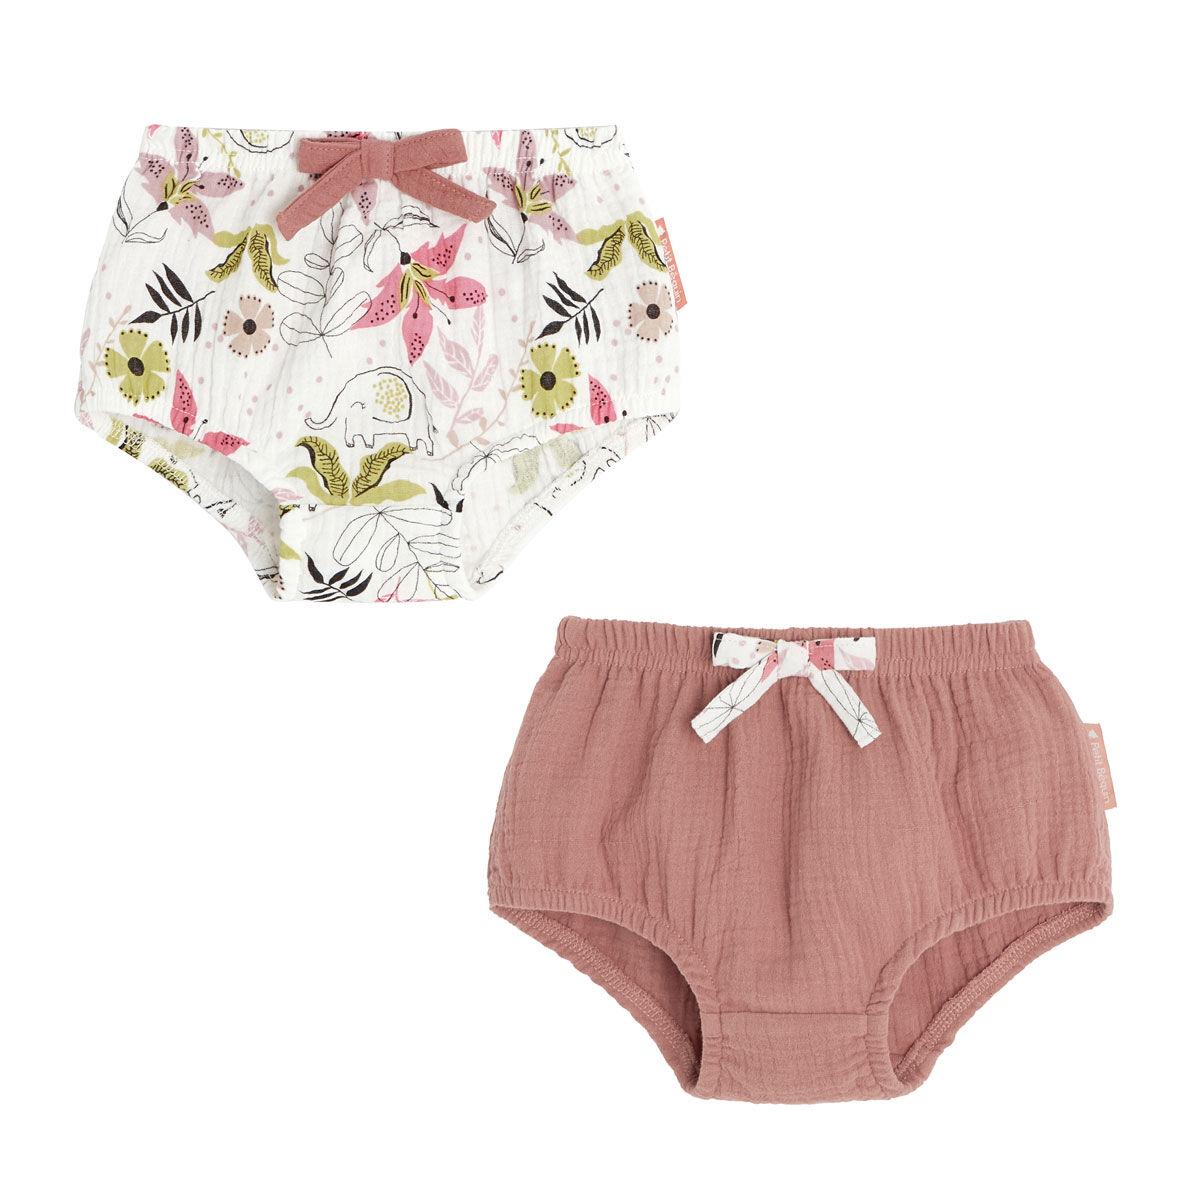 Petit Béguin Lot de 2 culottes bébé fille Singapour - Taille - 24 mois